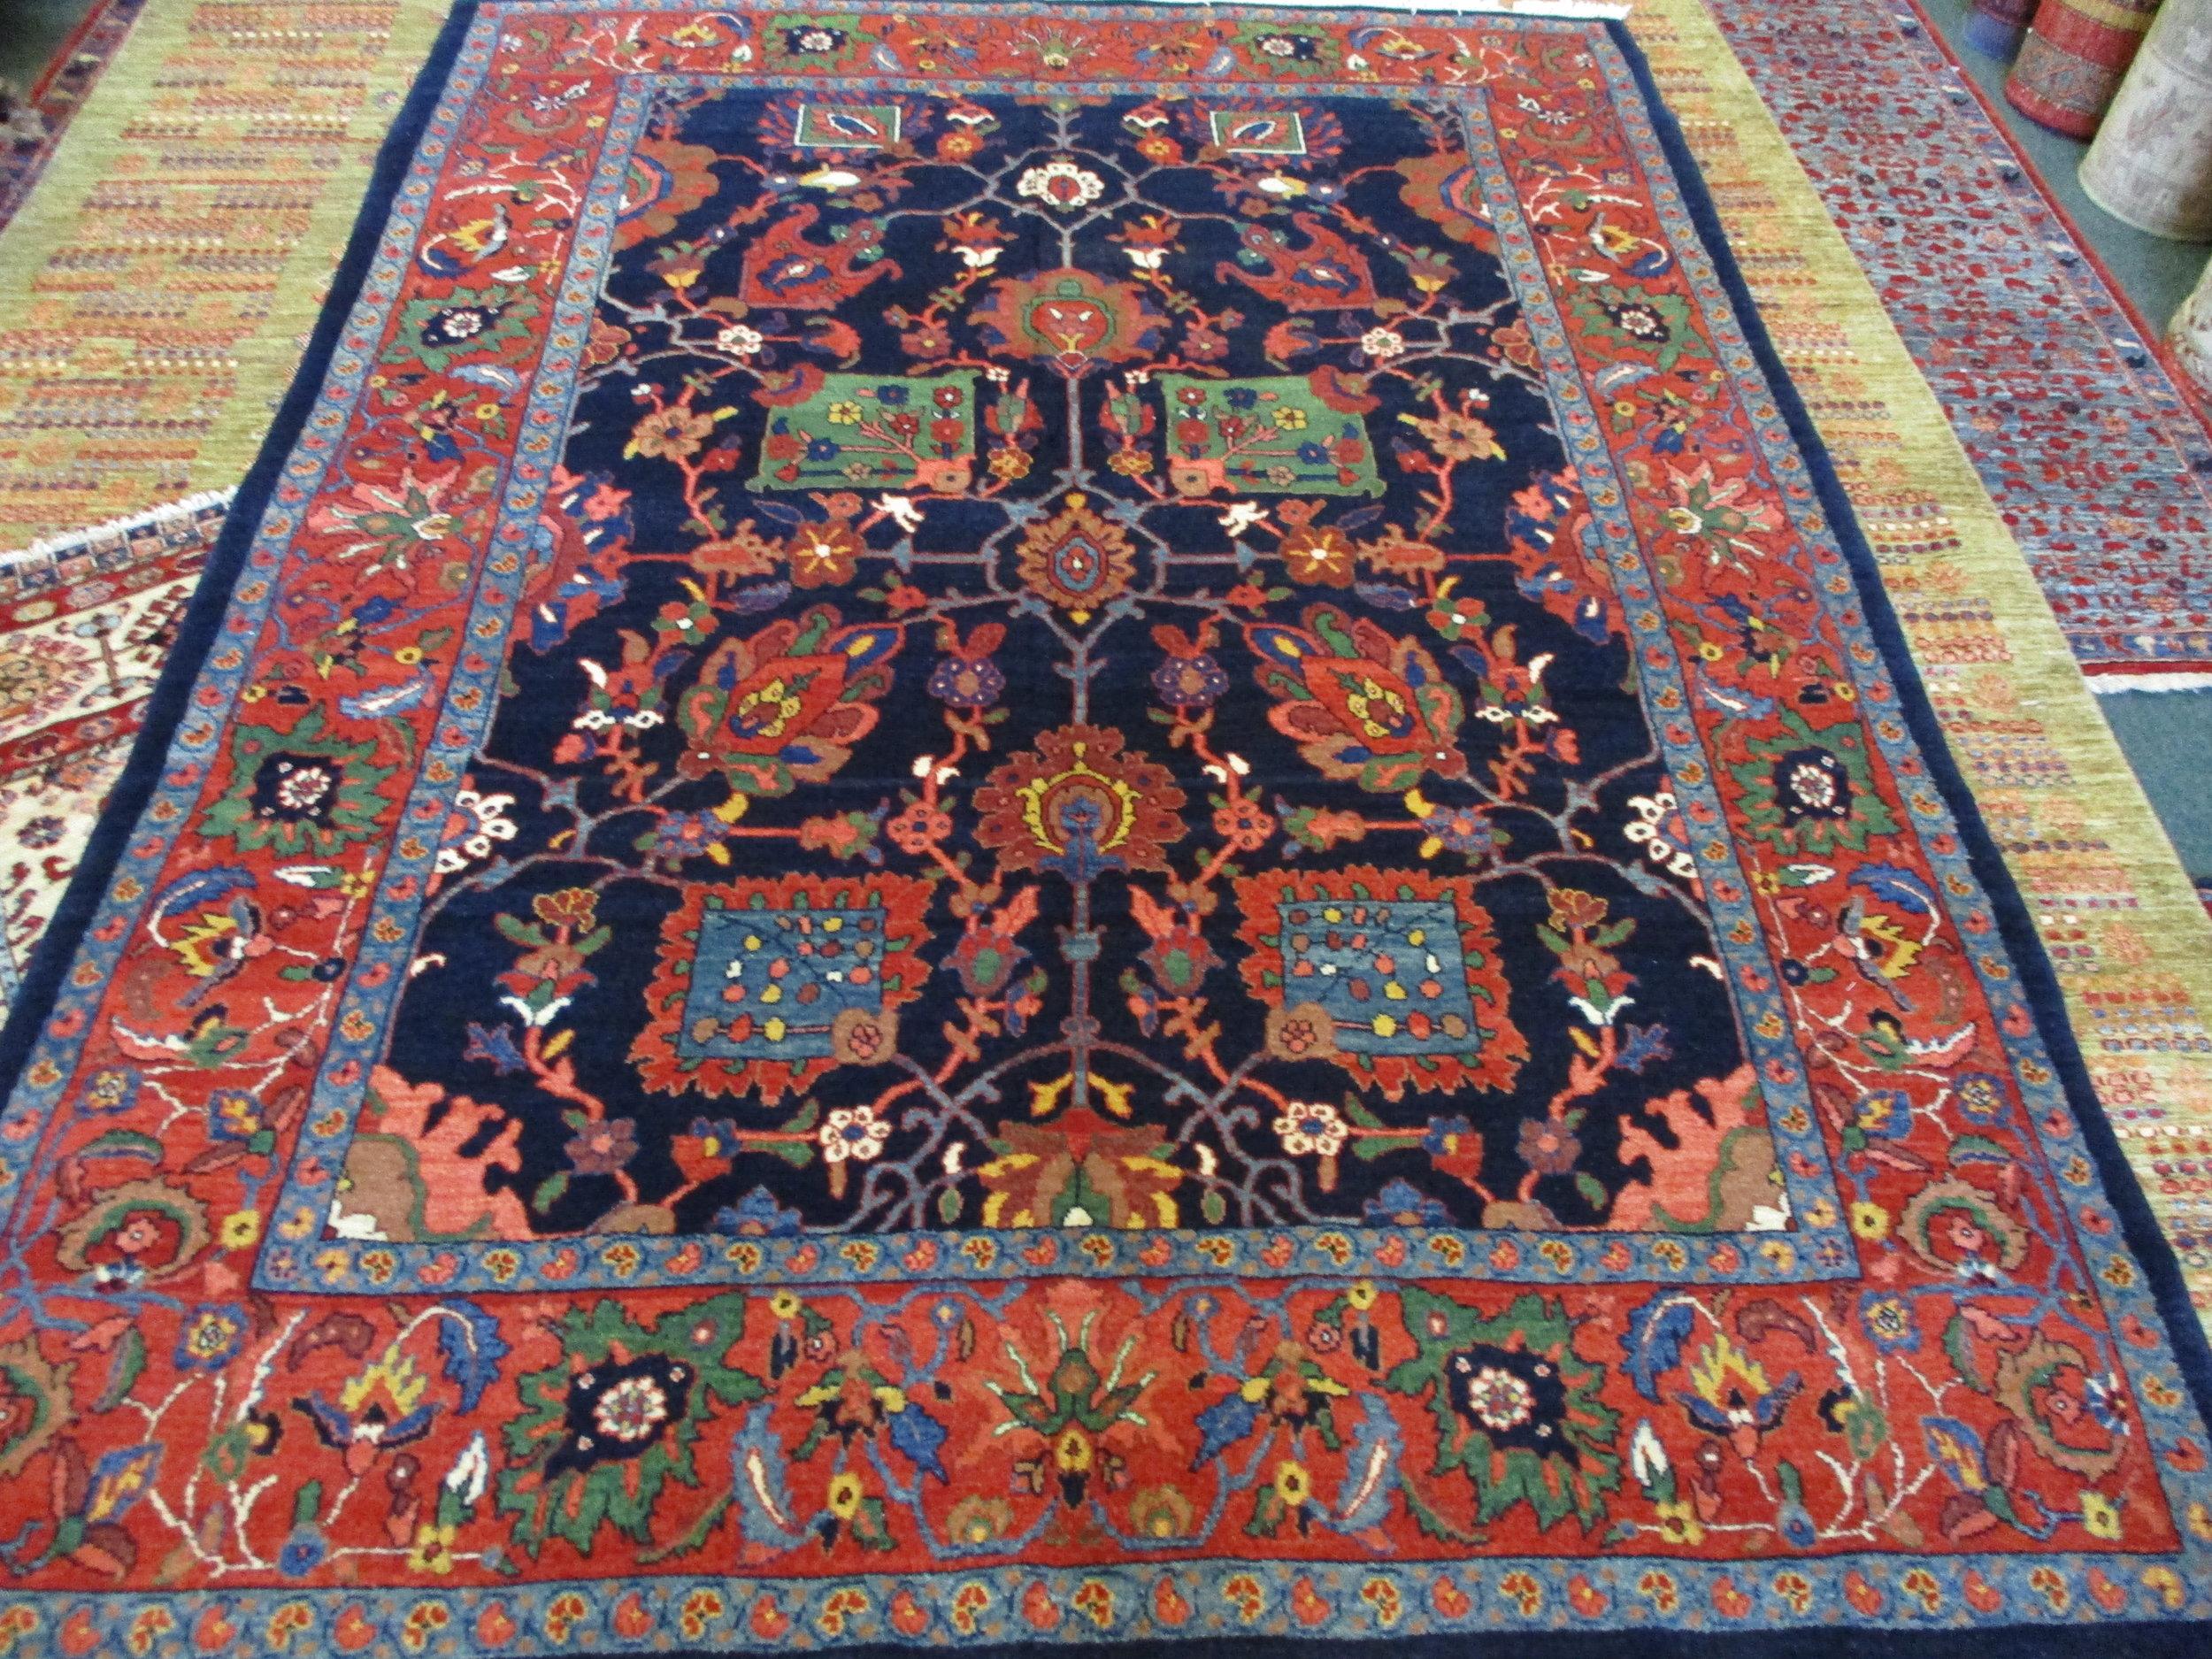 This beautiful 8 x 11 Bijar carpet has been sold.